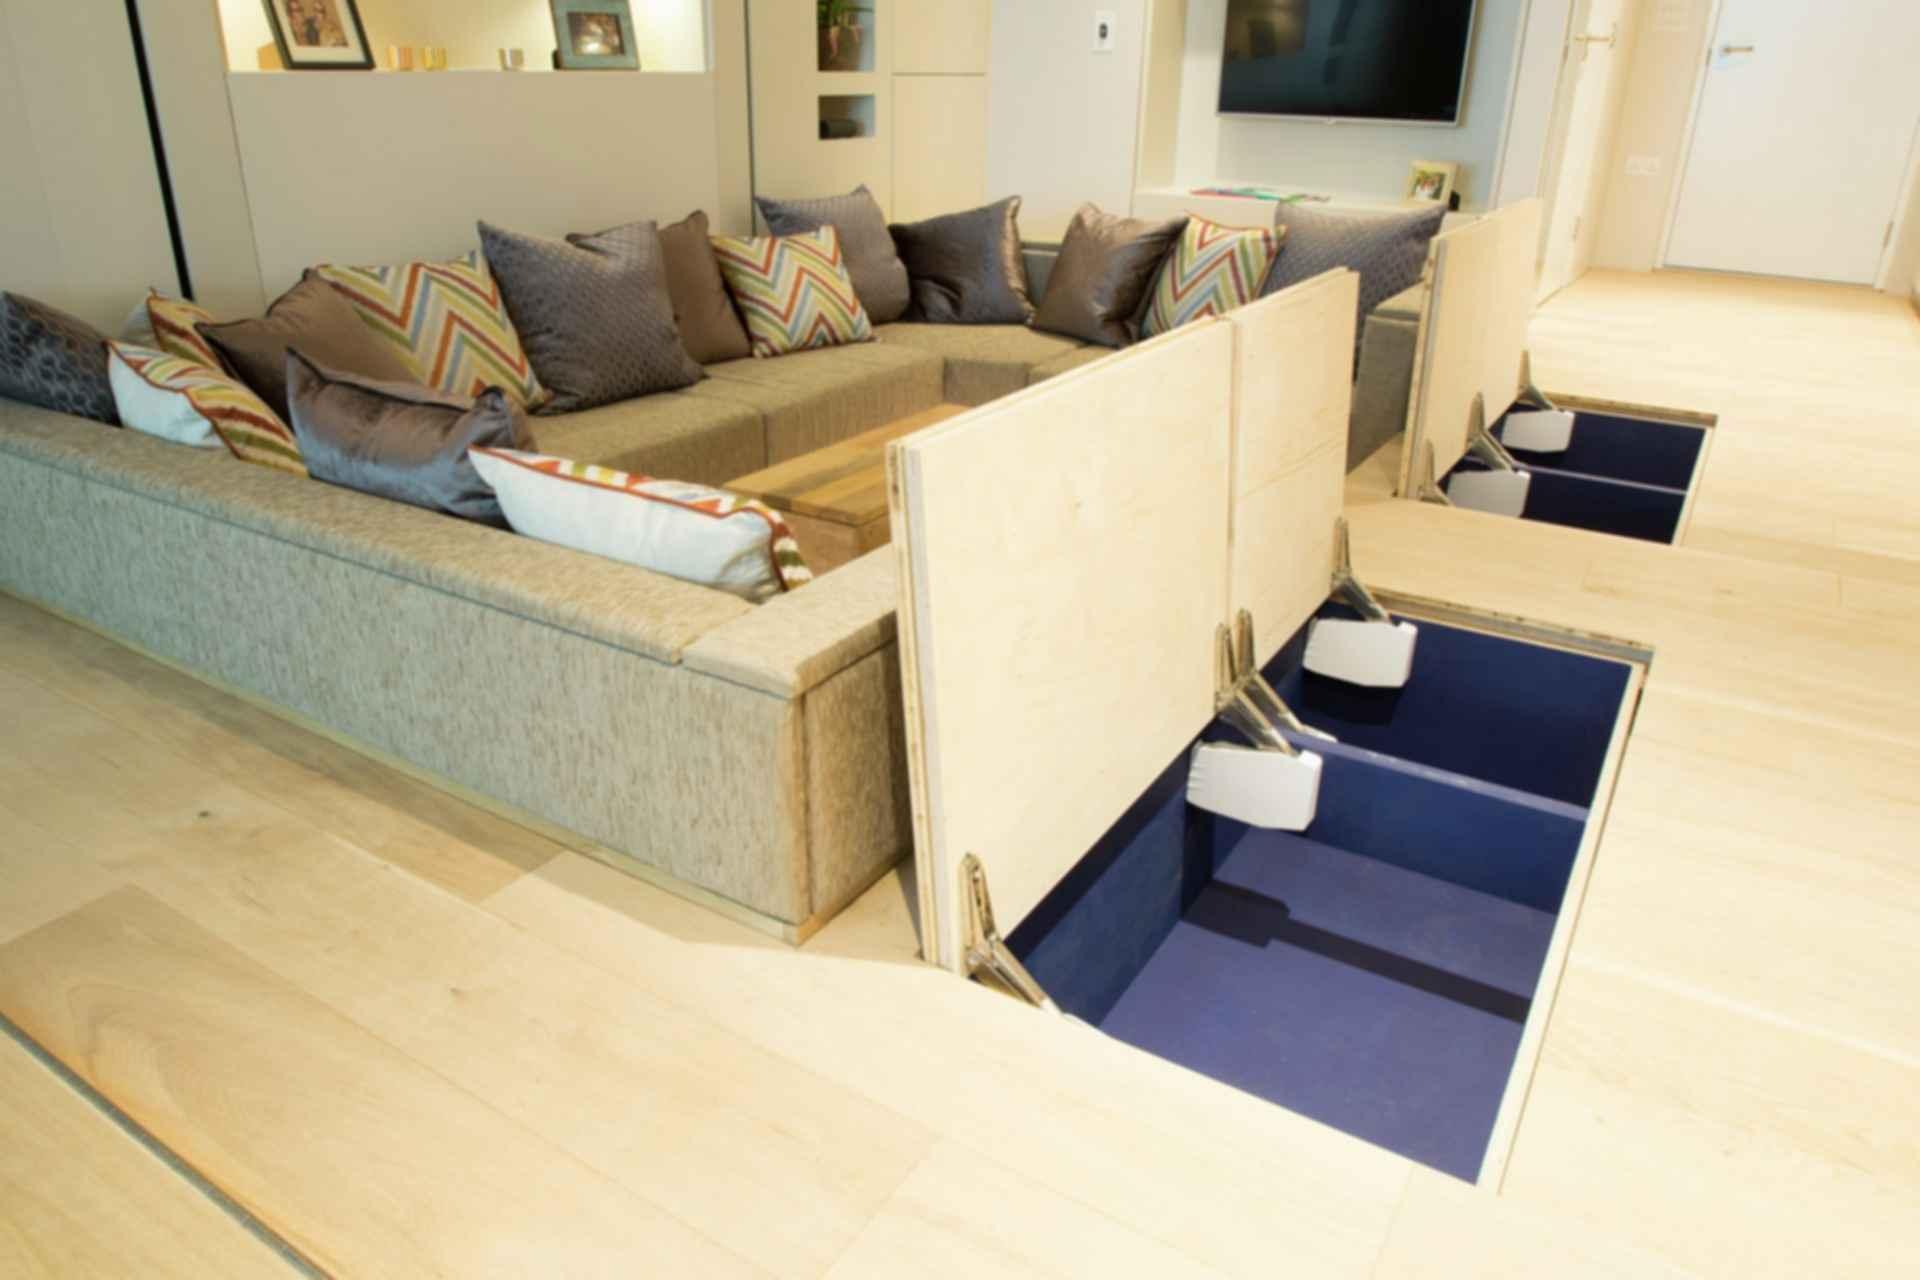 Yo! Home - Interior/Storage Spaces